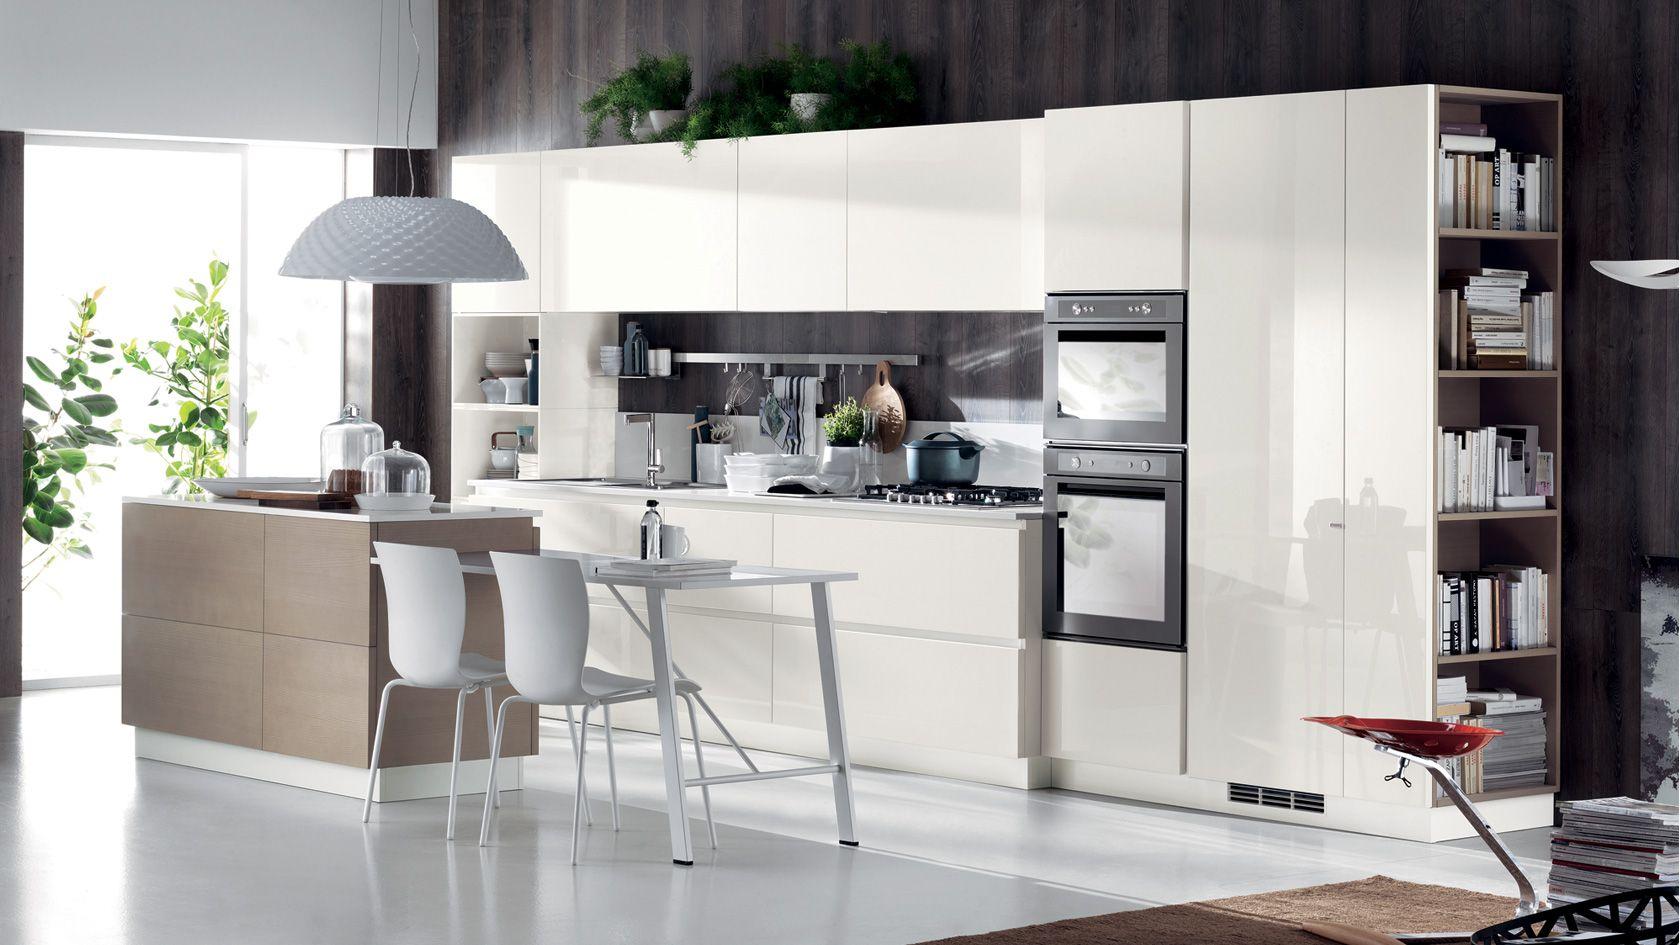 Cucine Scavolini Afragola: mobili per cucina moderna e ...